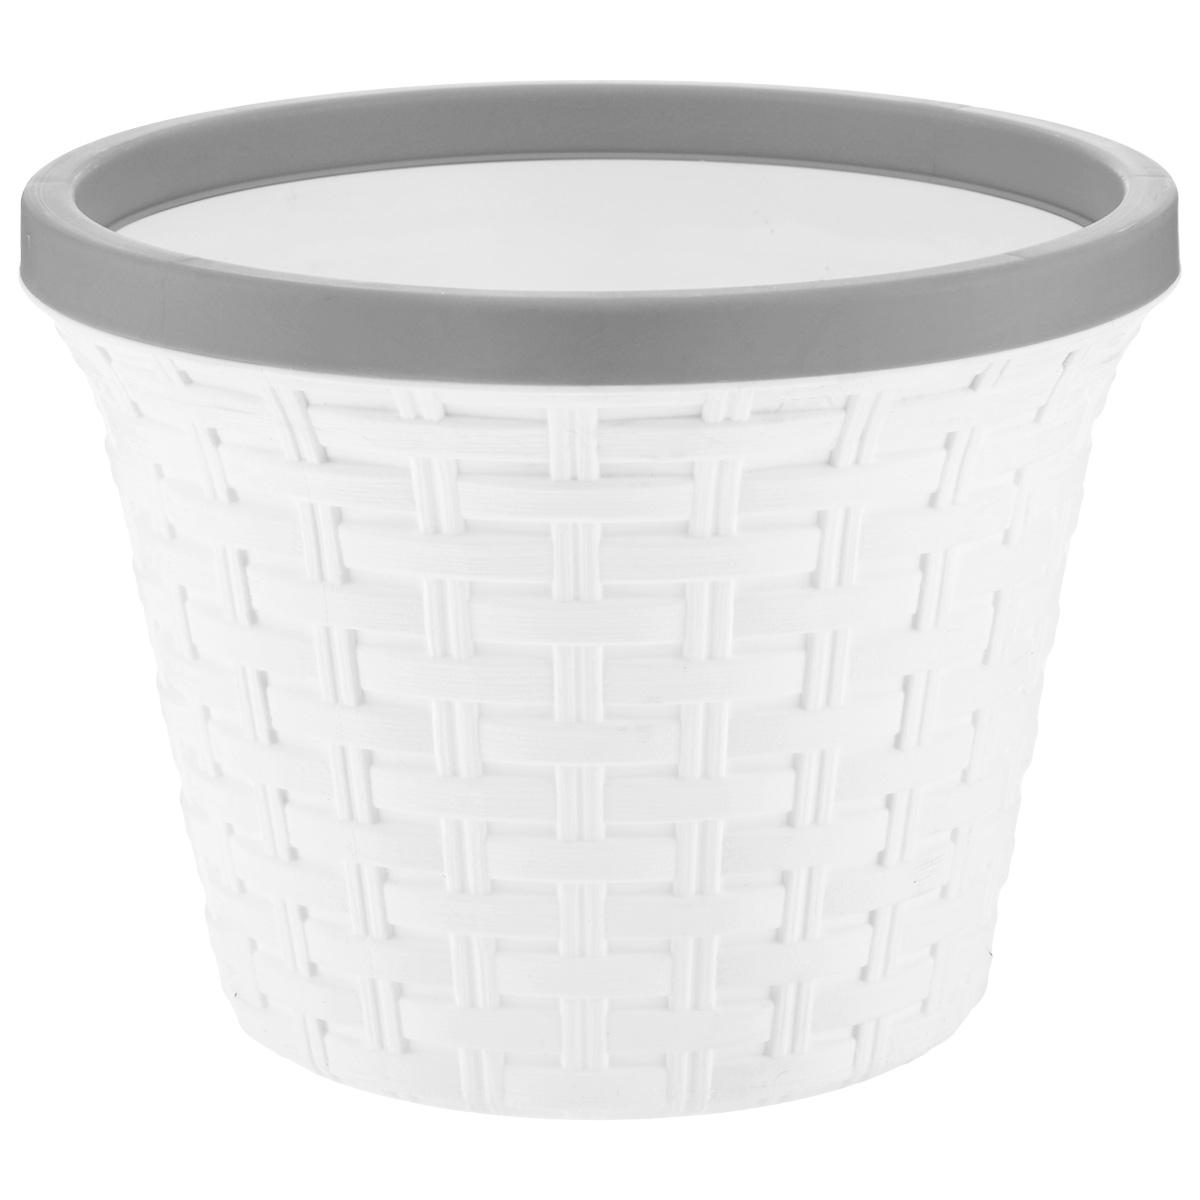 Кашпо круглое Violet Ротанг, с дренажной системой, цвет: белый, 3,4 л32340/6Круглое кашпо Violet Ротанг изготовлено из высококачественного пластика и оснащено дренажной системой для быстрого отведения избытка воды при поливе. Изделие прекрасно подходит для выращивания растений и цветов в домашних условиях. Лаконичный дизайн впишется в интерьер любого помещения. Объем: 3,4 л.